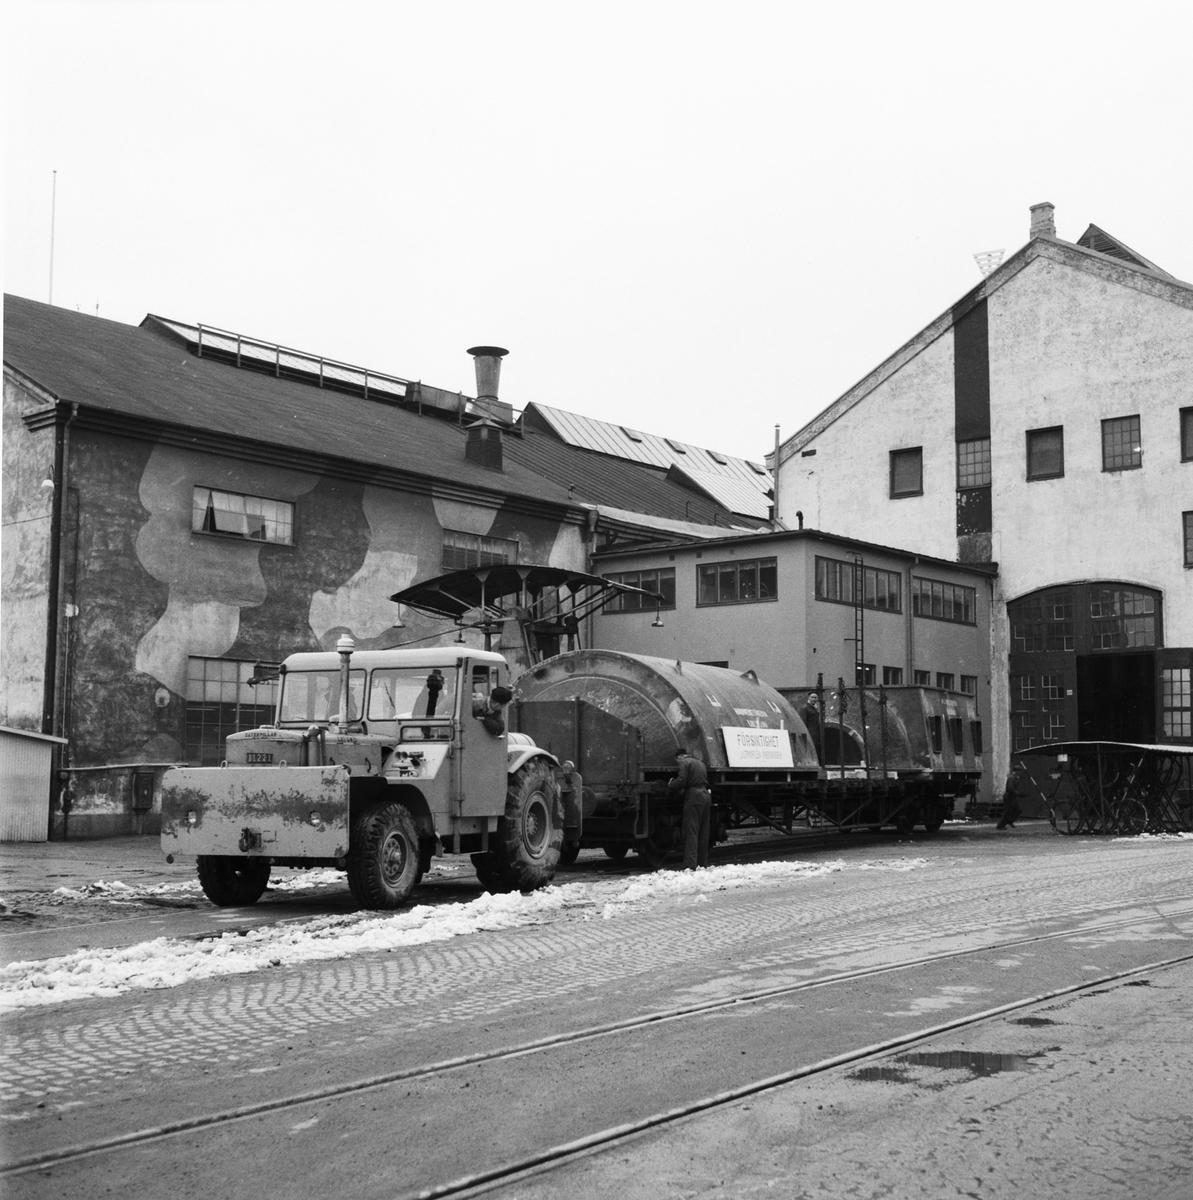 Övrigt: Foto datum: 3/4 1958 Byggnader och kranar STAL vacumbehållare transport. Närmast identisk bild: V14595 och V14596, ej skannade